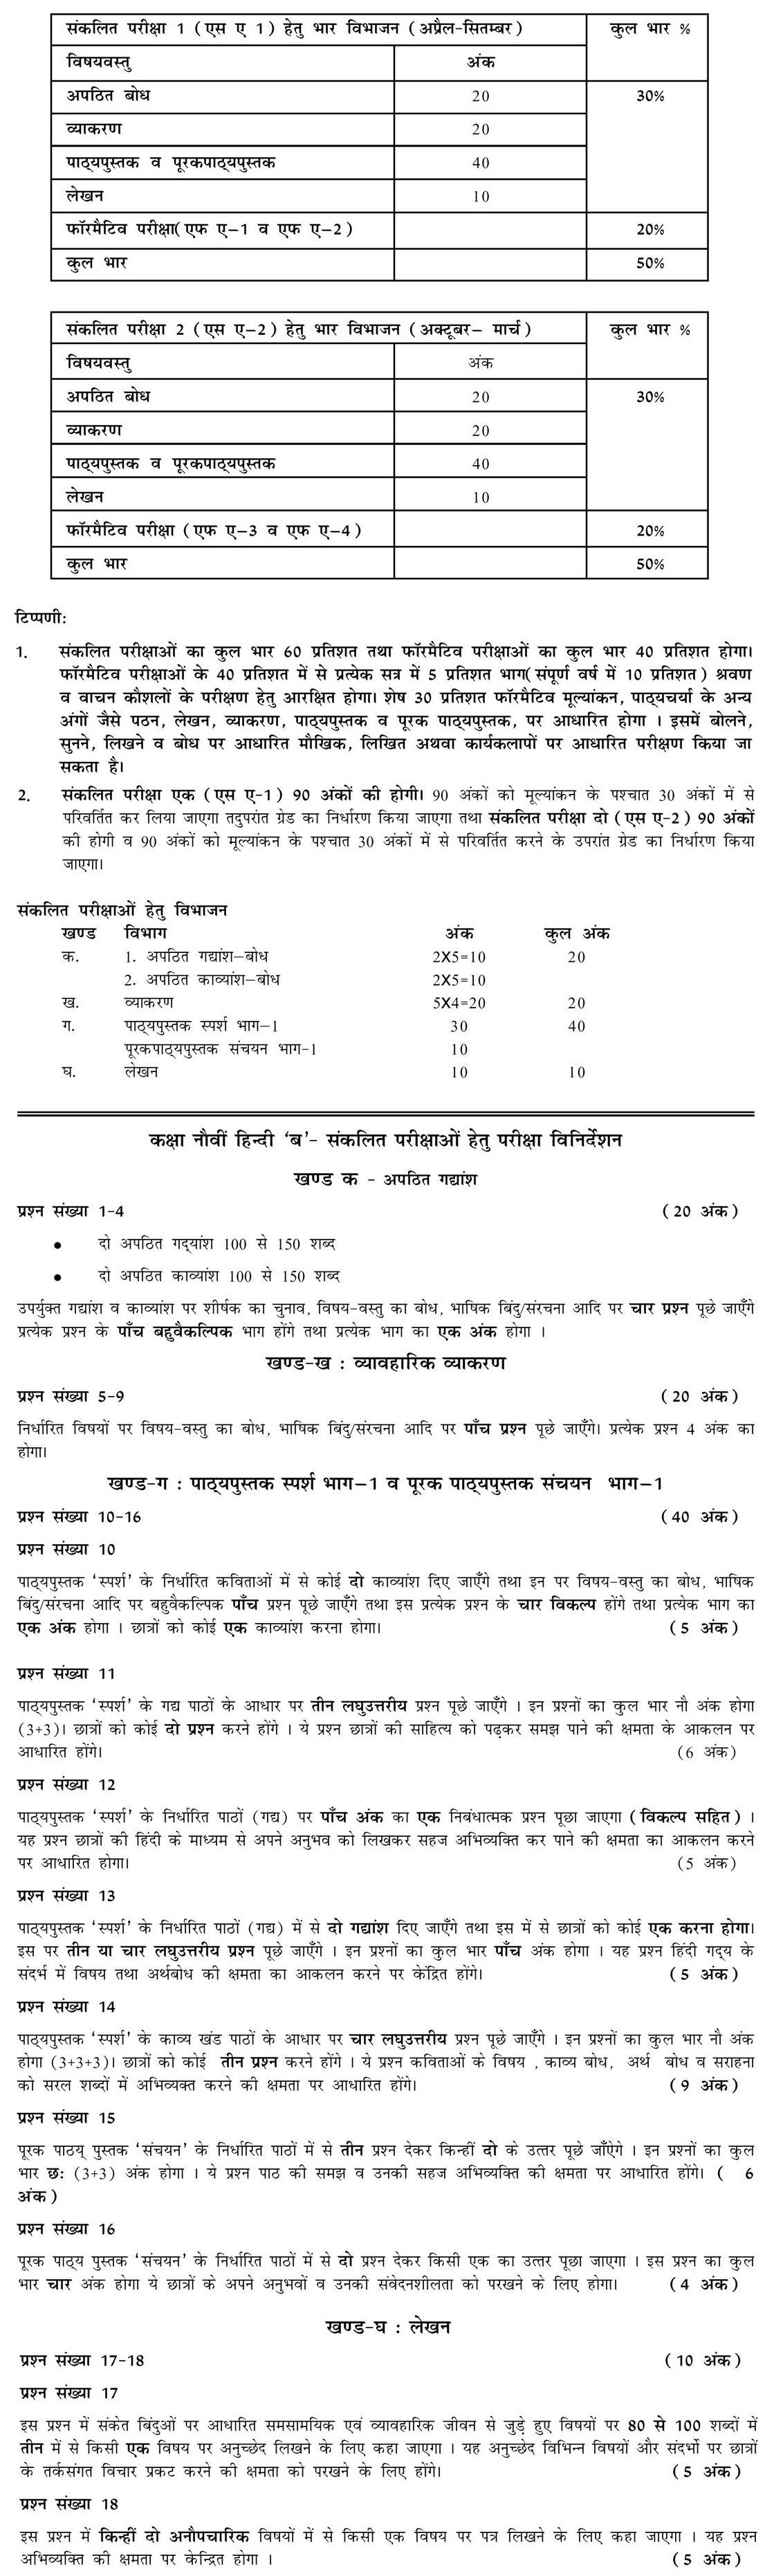 hindi essay topics for class 9 cbse